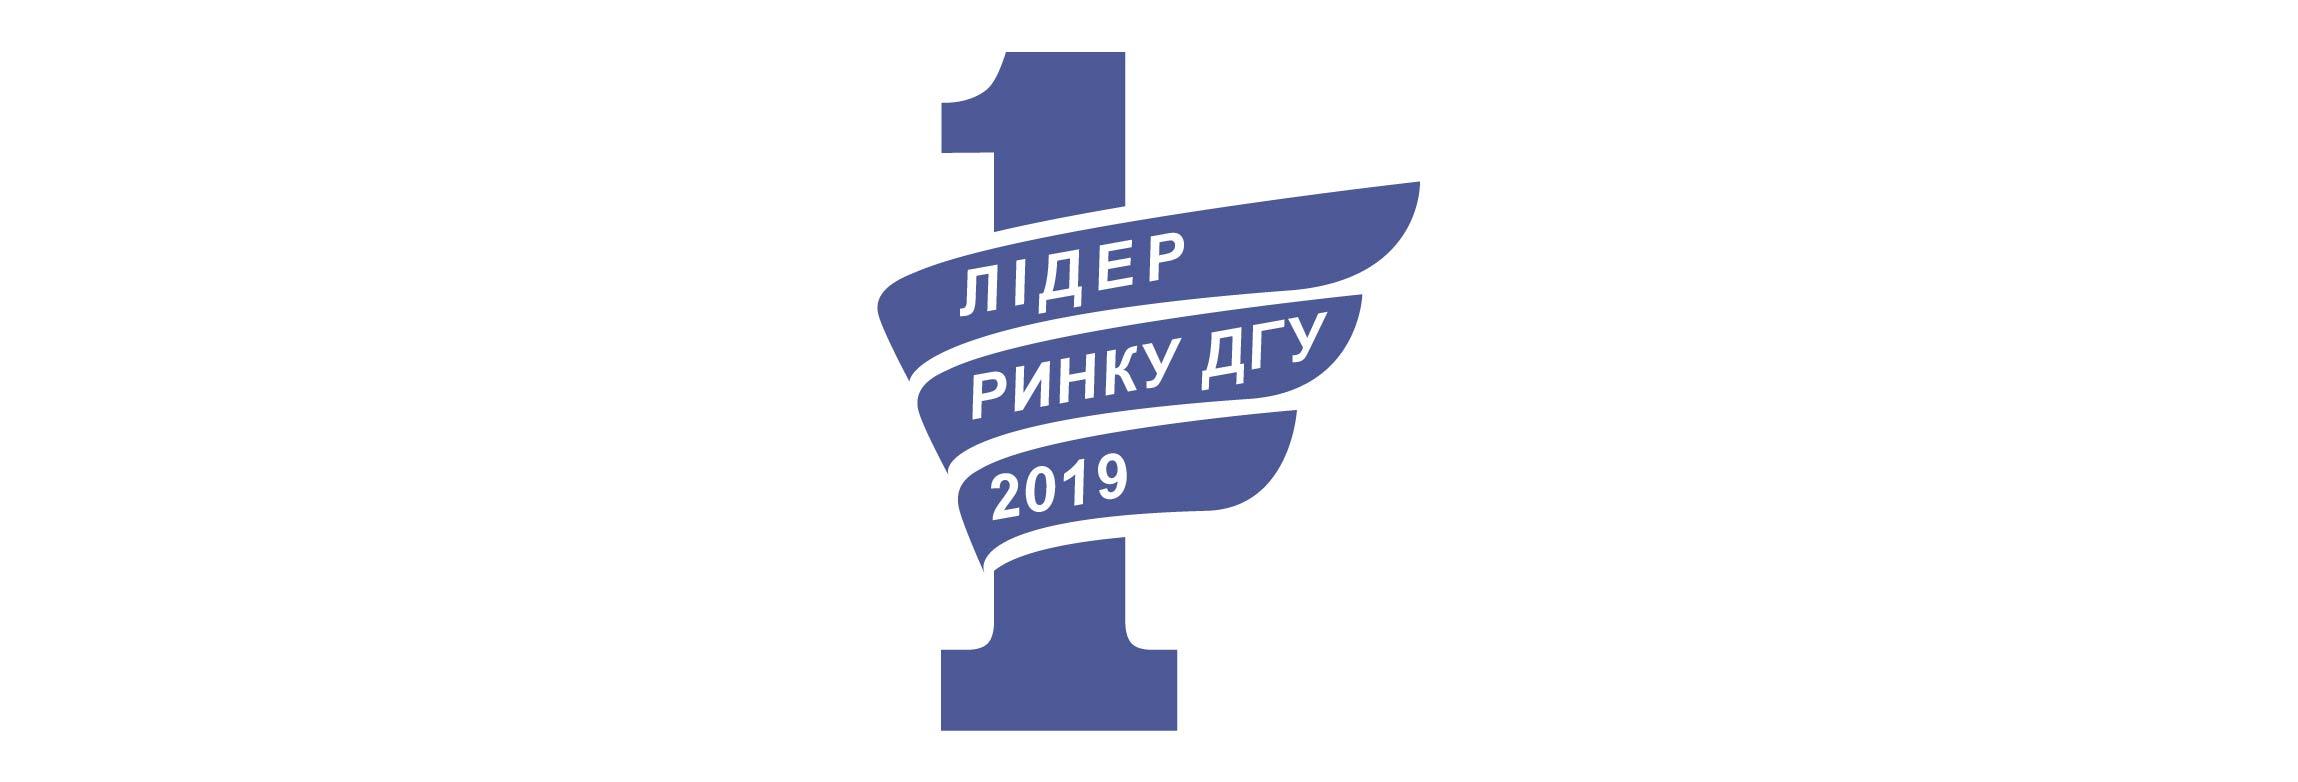 ООО «ДАРЭКС-ЭНЕРГО» - лидер рынка дизельных генераторных установок Украины!